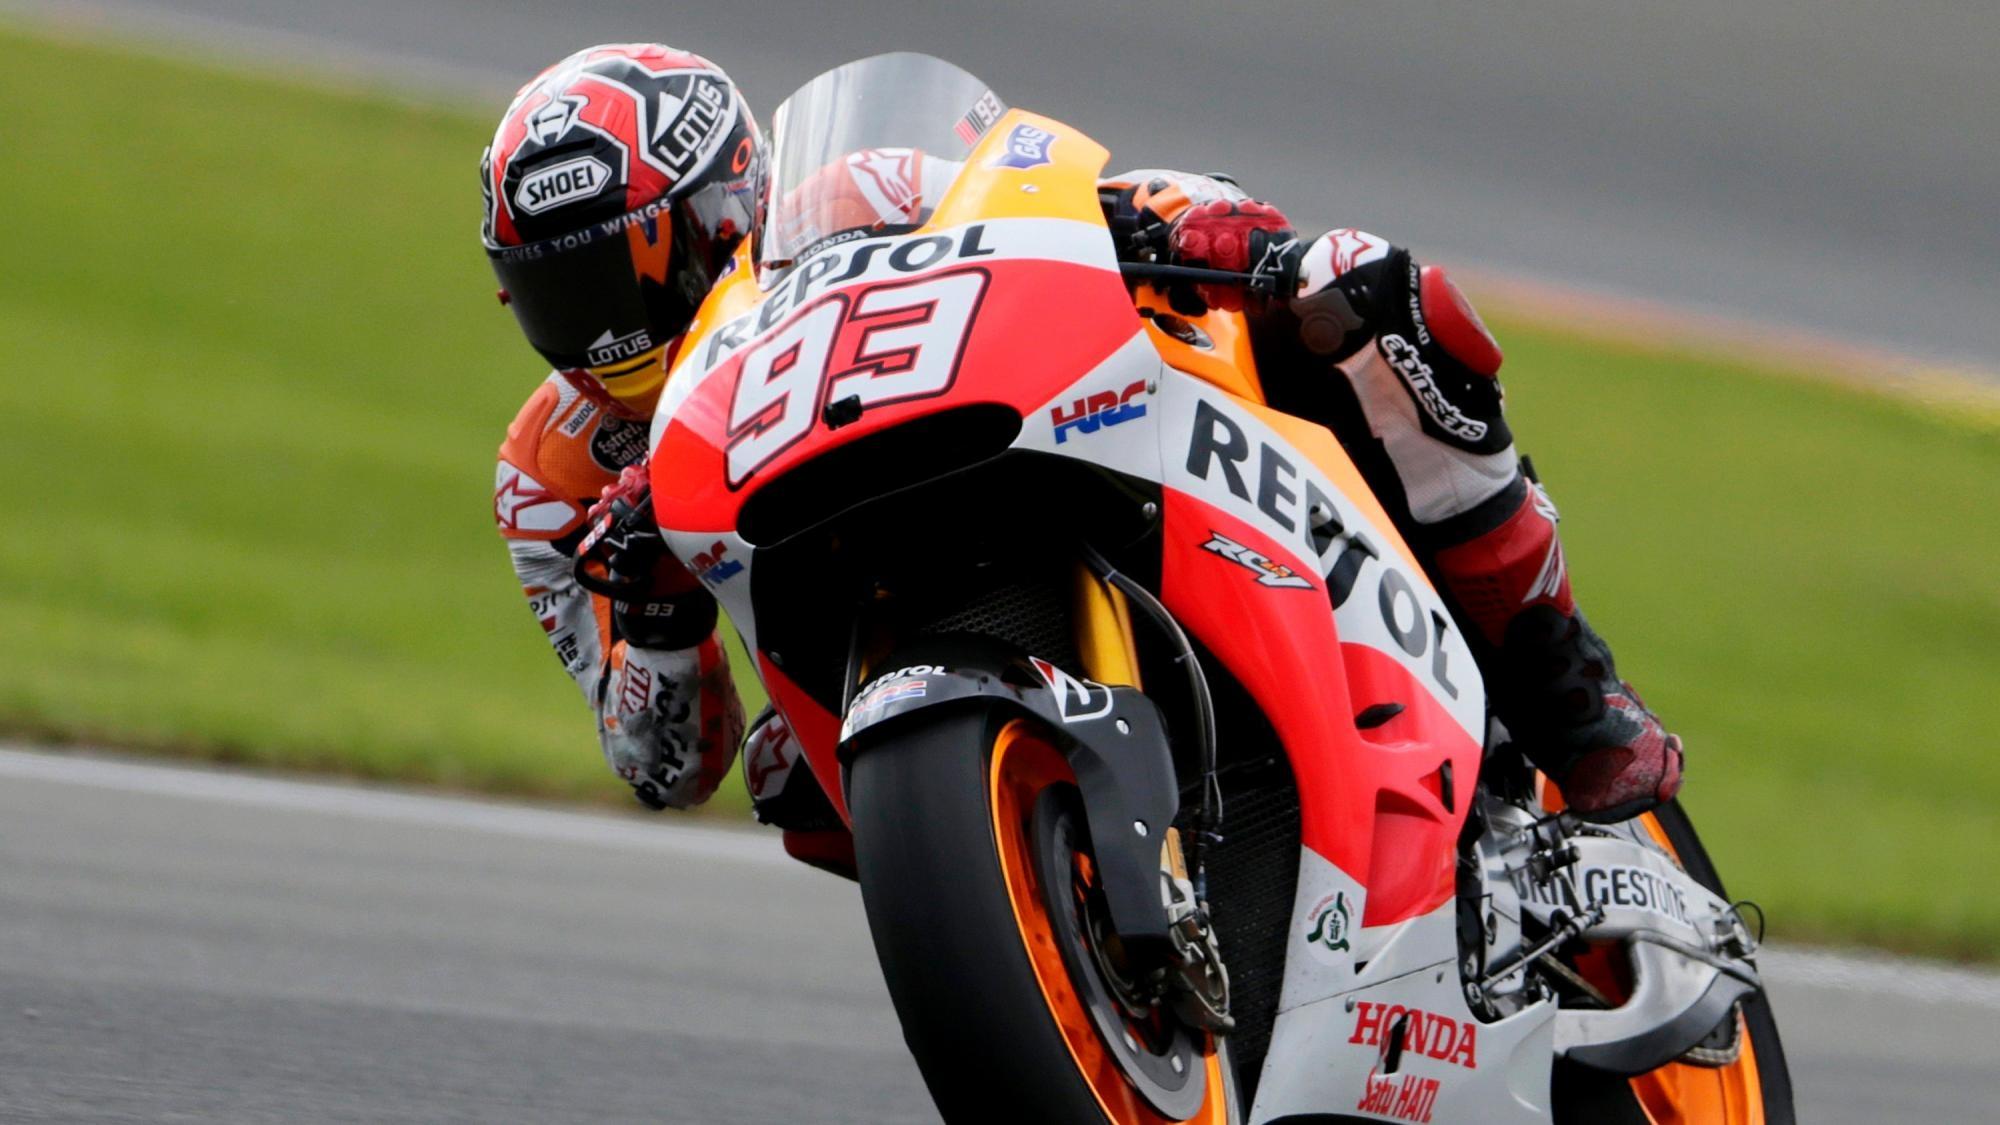 Сезон MotoGP планируется начать с двух июльских гонок в Хересе